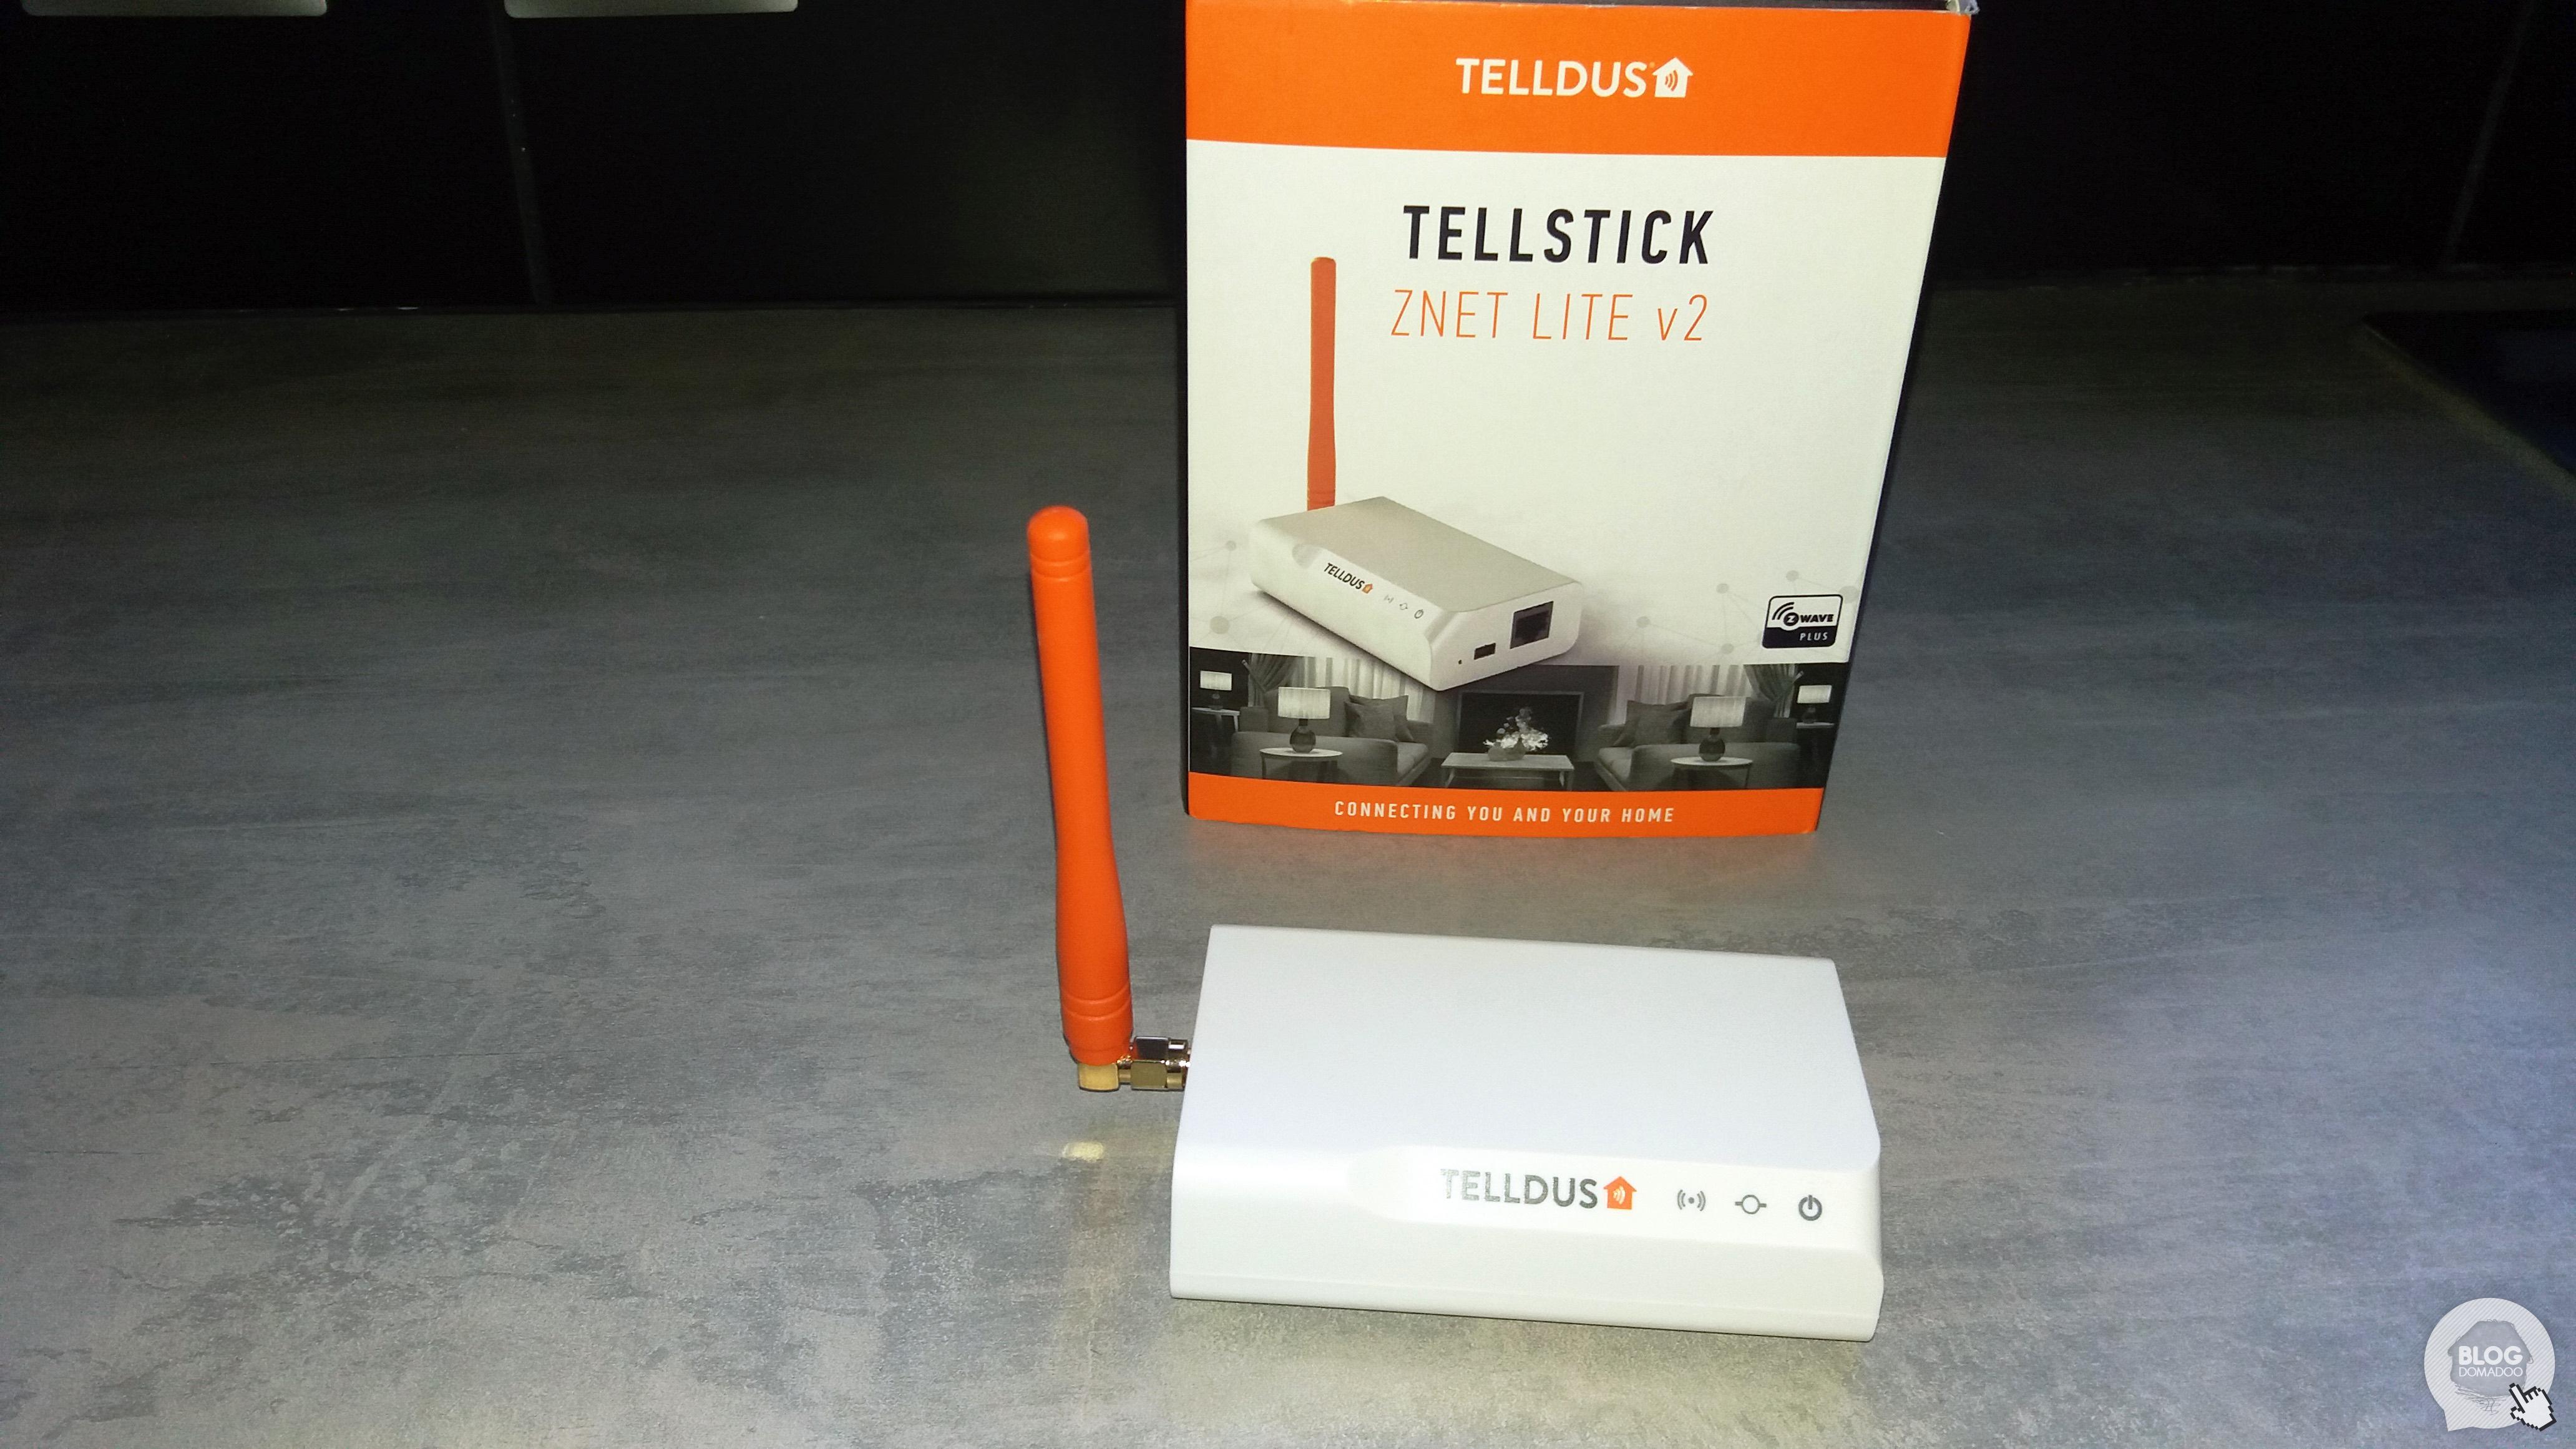 #Test de la box domotique TellStick Znet Lite V2 de Telldus